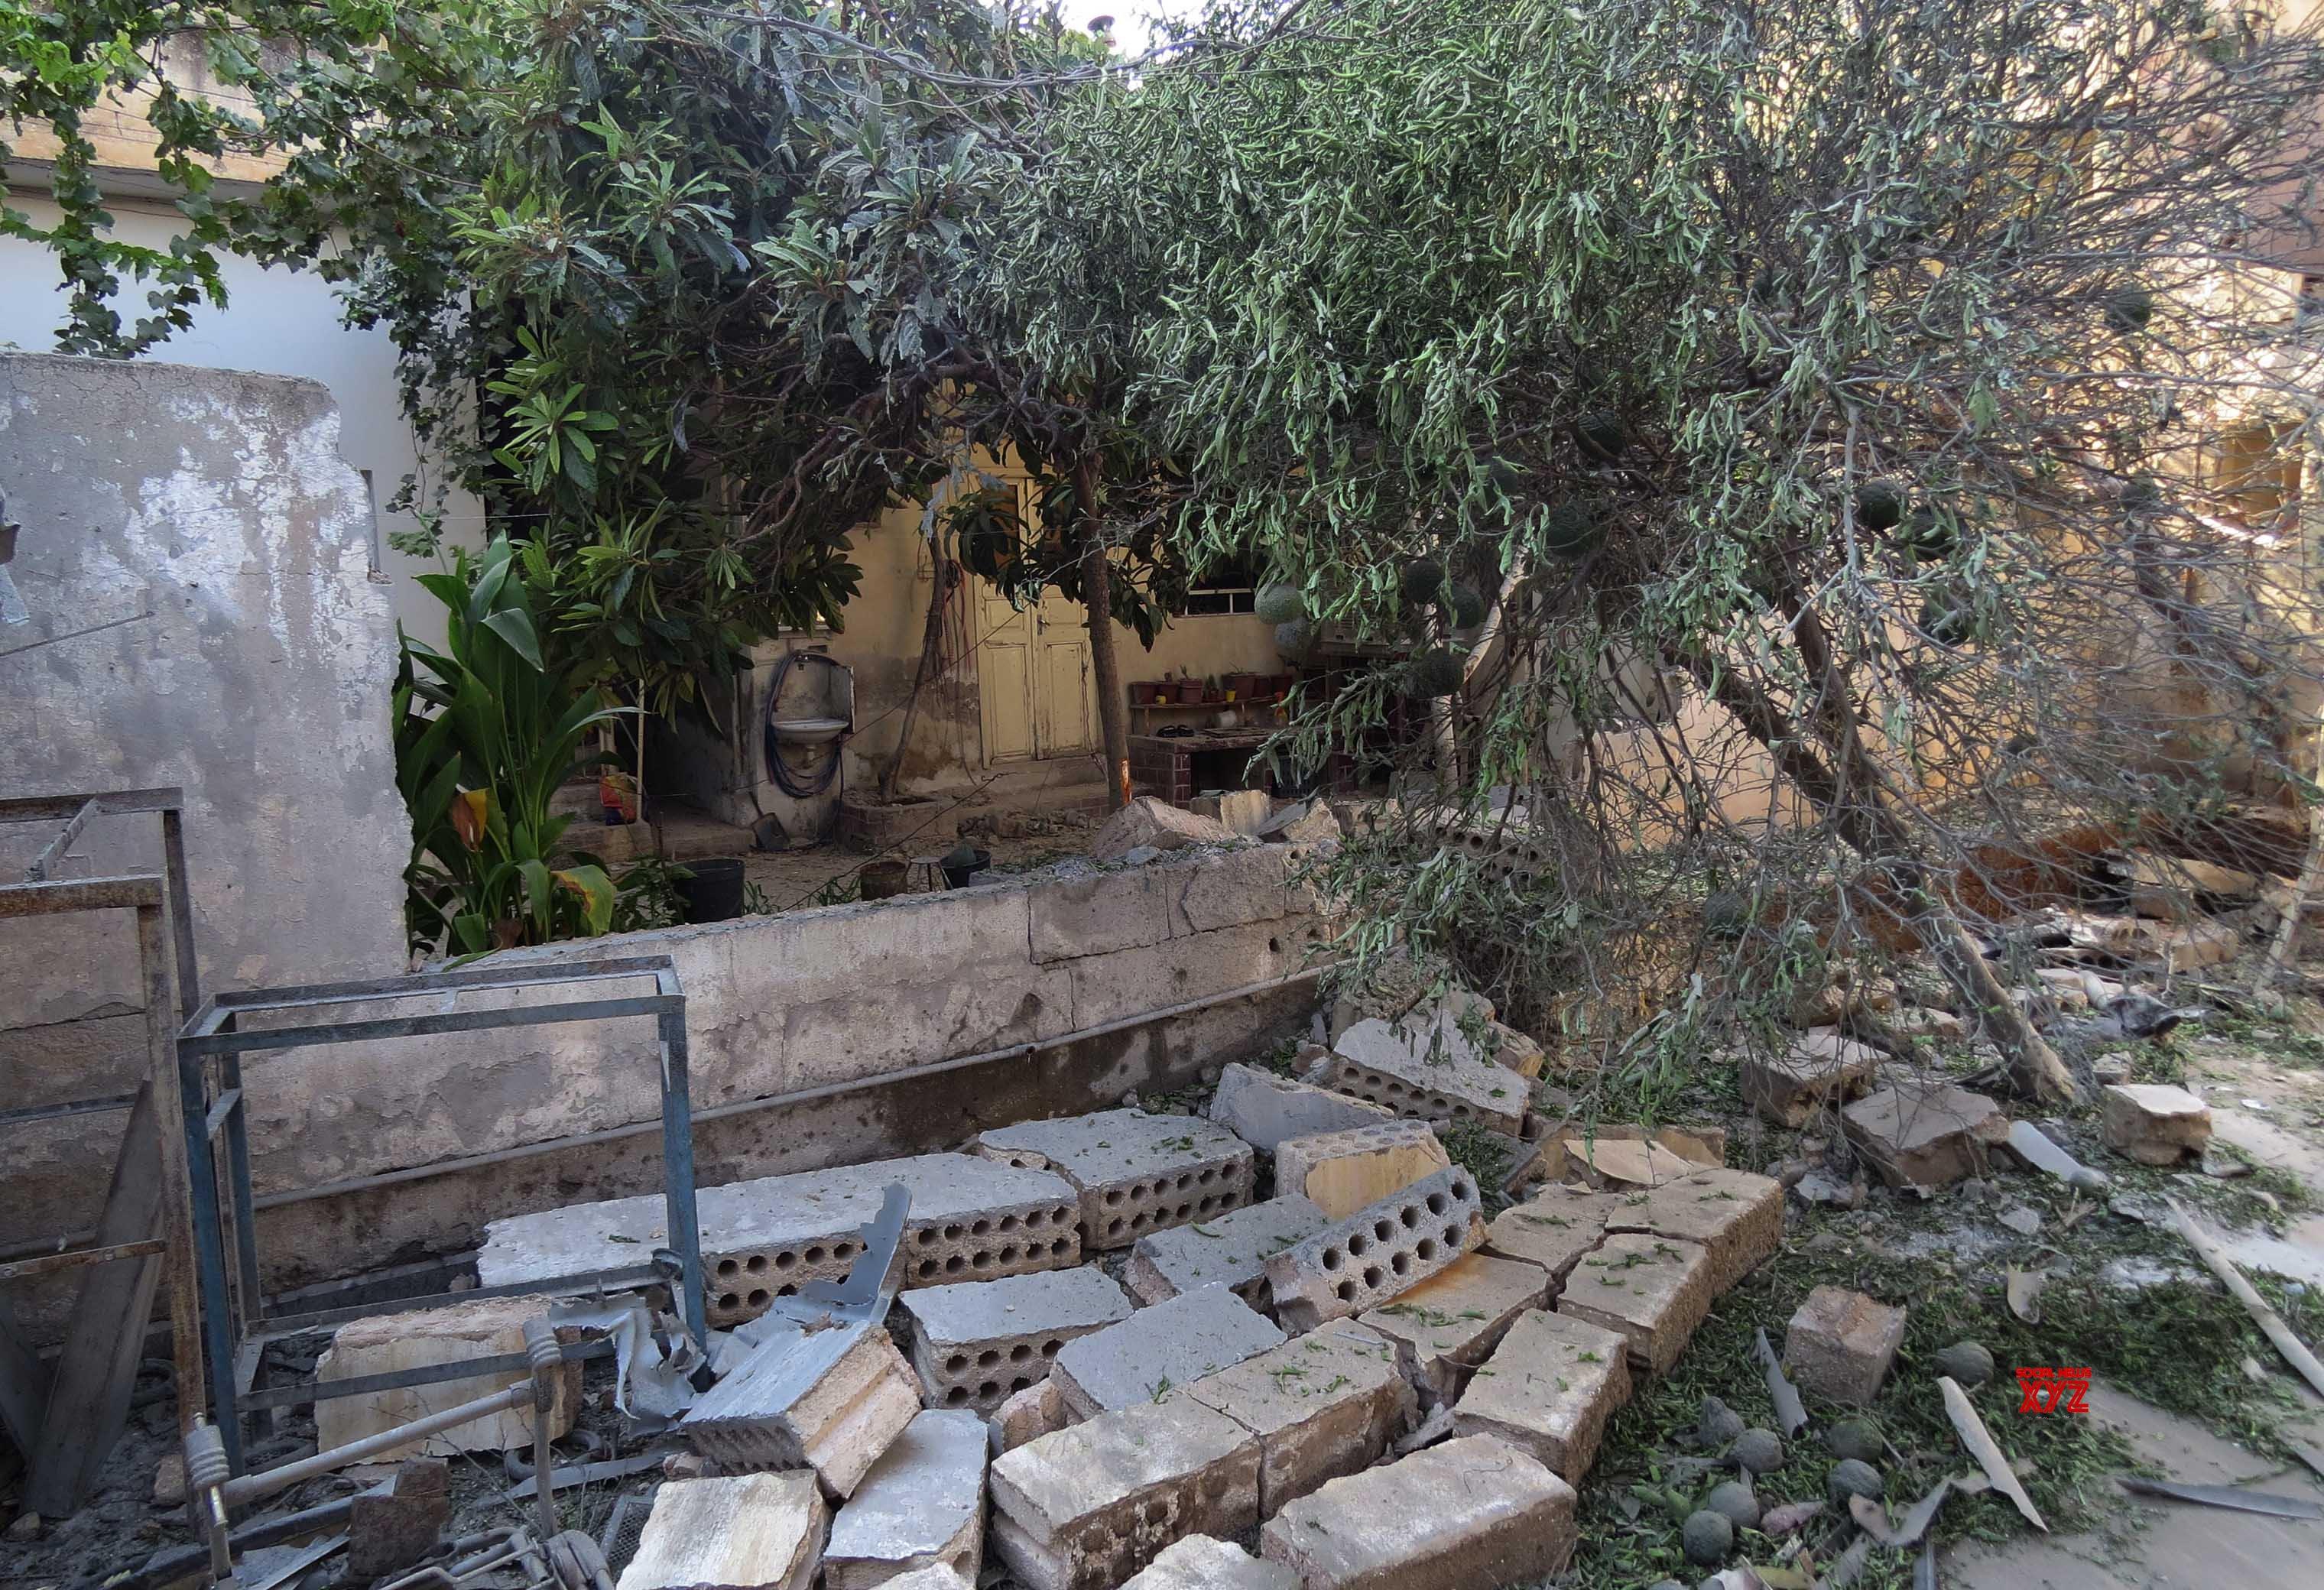 SYRIA - QAMISHLI - TURKISH - SHELLING #Gallery